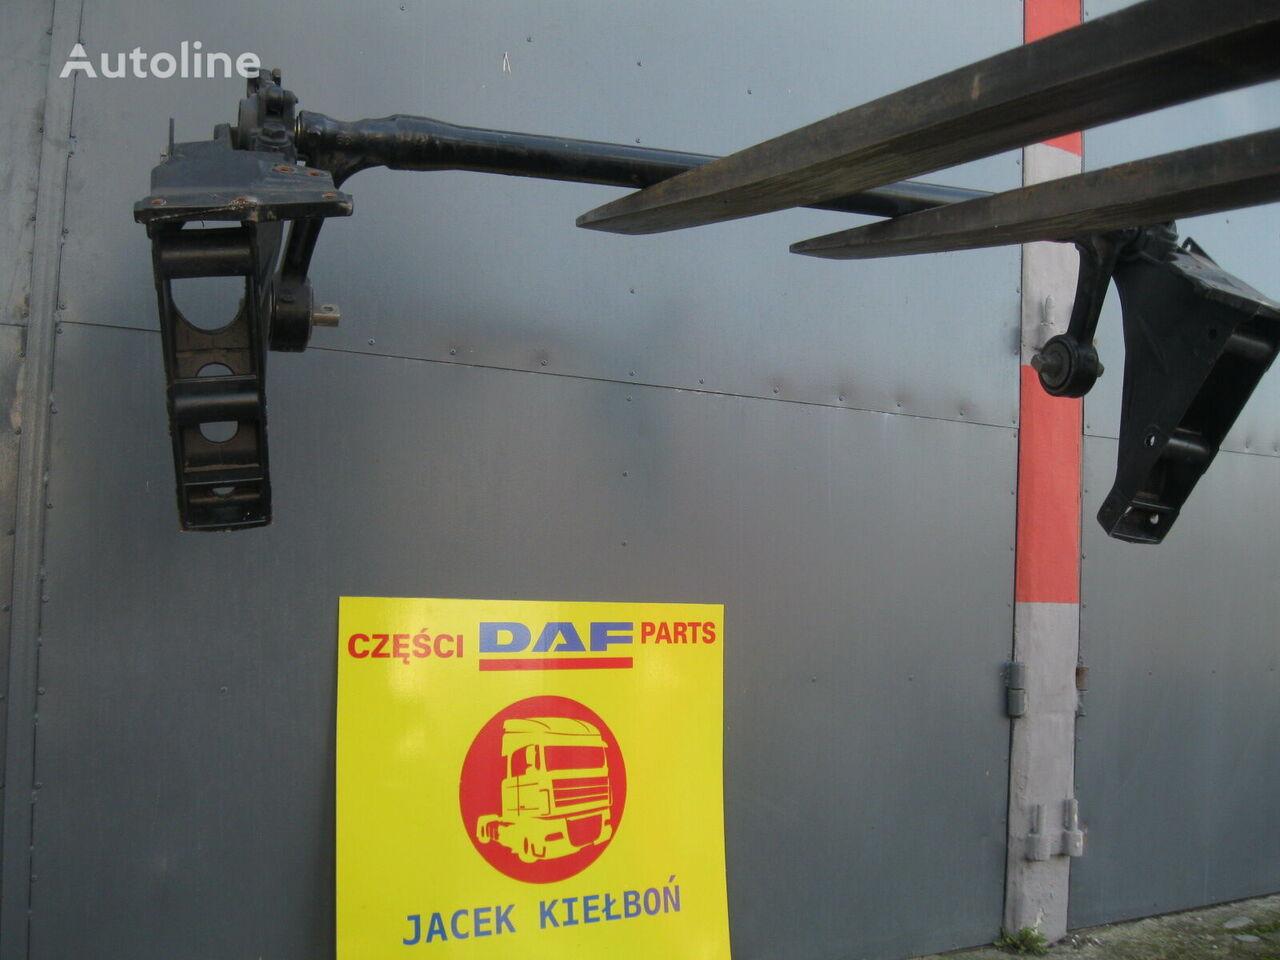 інша запчастина кузова BELKA DRĄŻEK WYWROT KABINY до тягача DAF XF 106